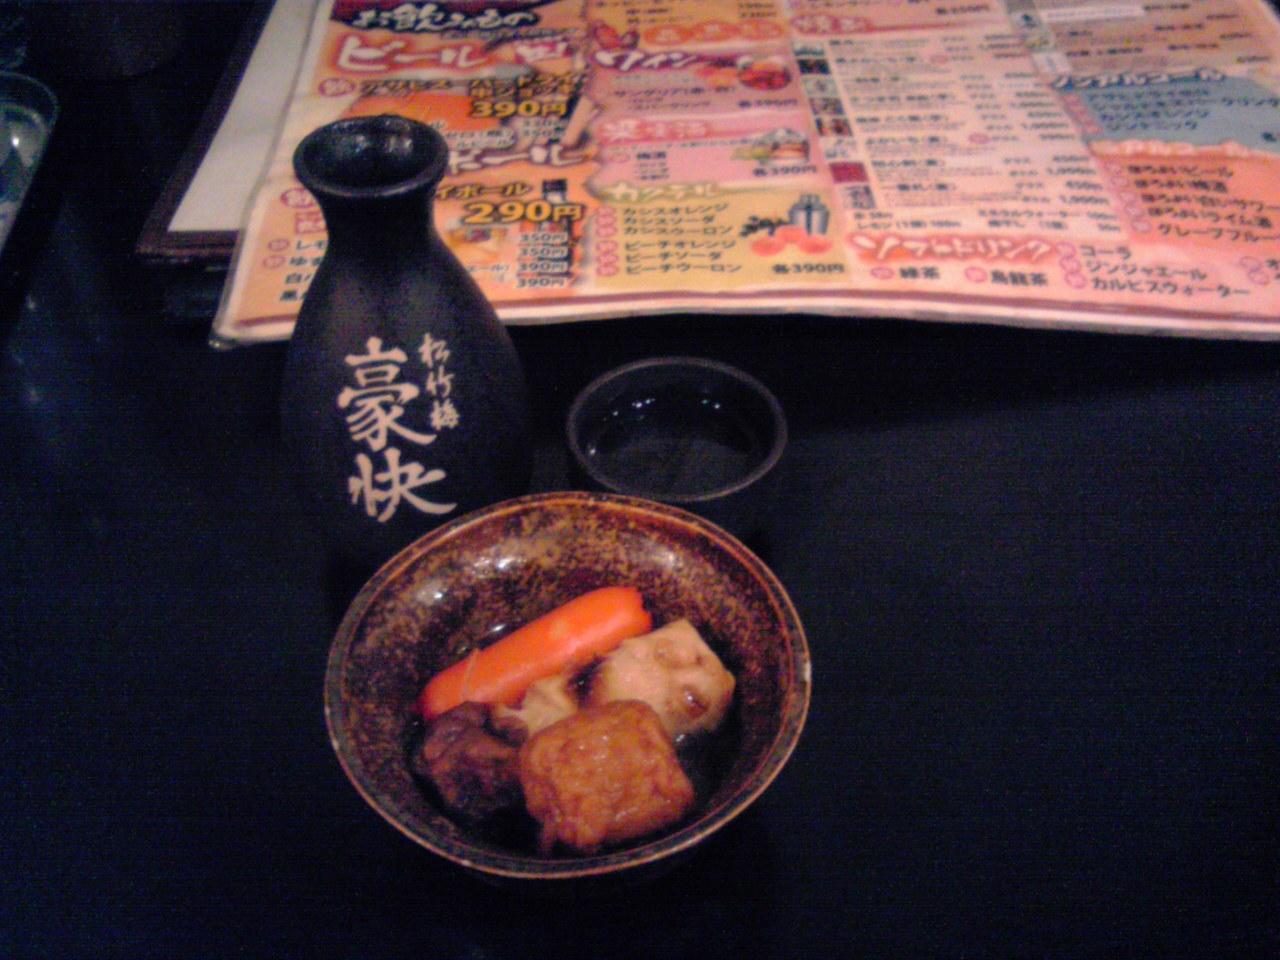 浜焼太郎 新松戸